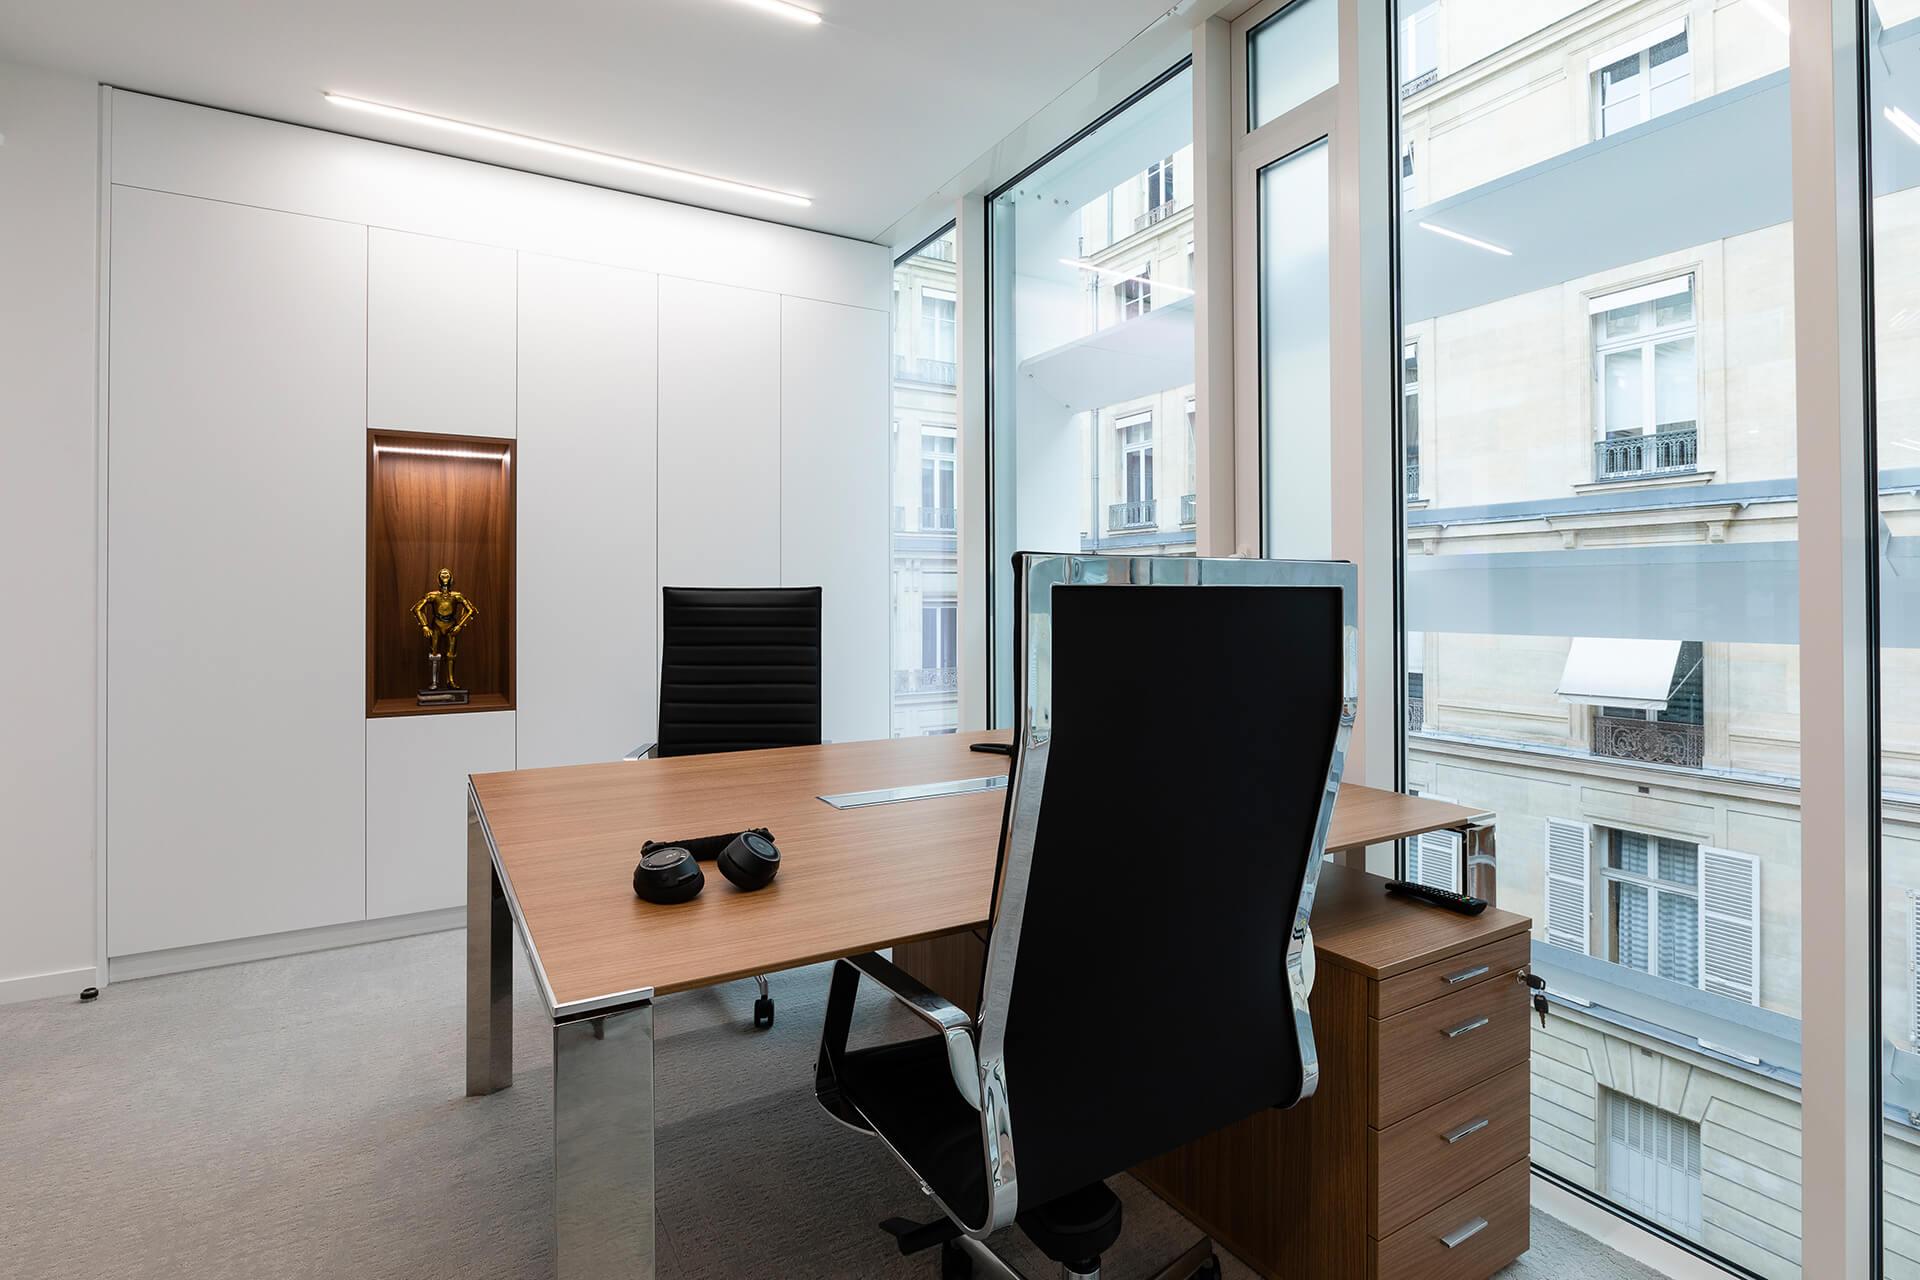 escritório com mesa e estante em madeira